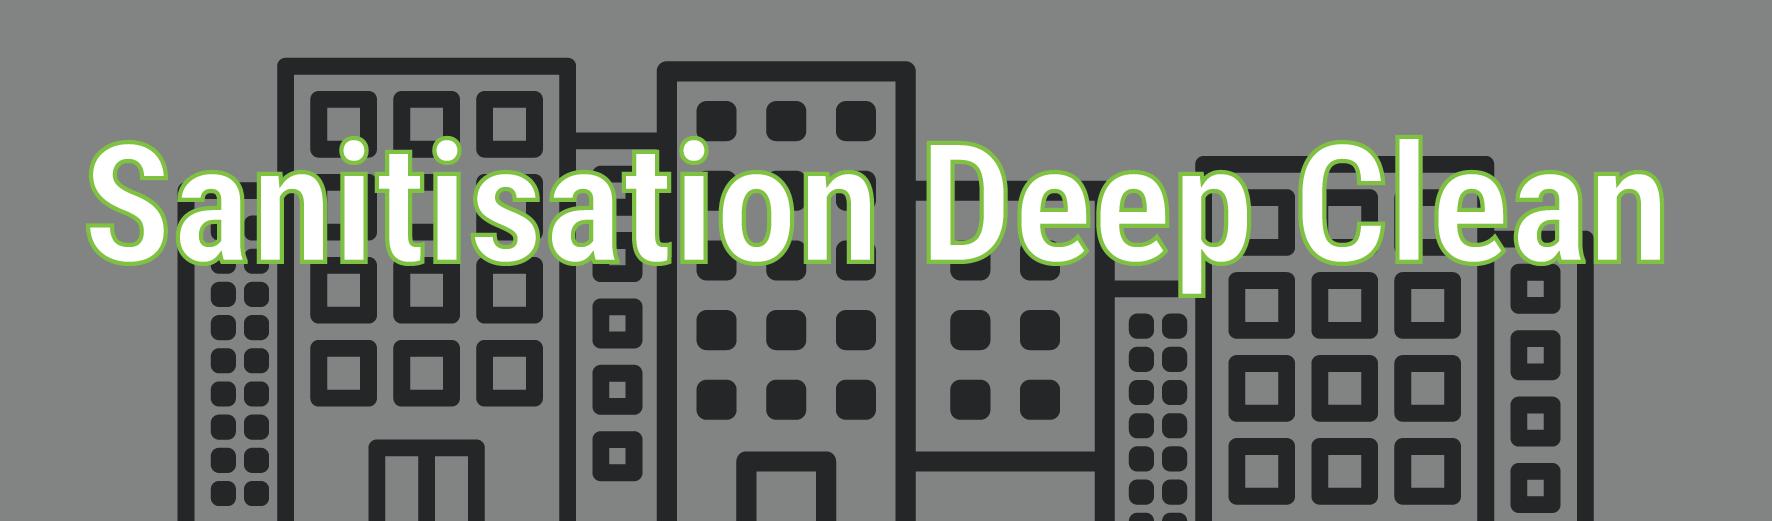 Sanitisation-Deep-Clean-Header.png